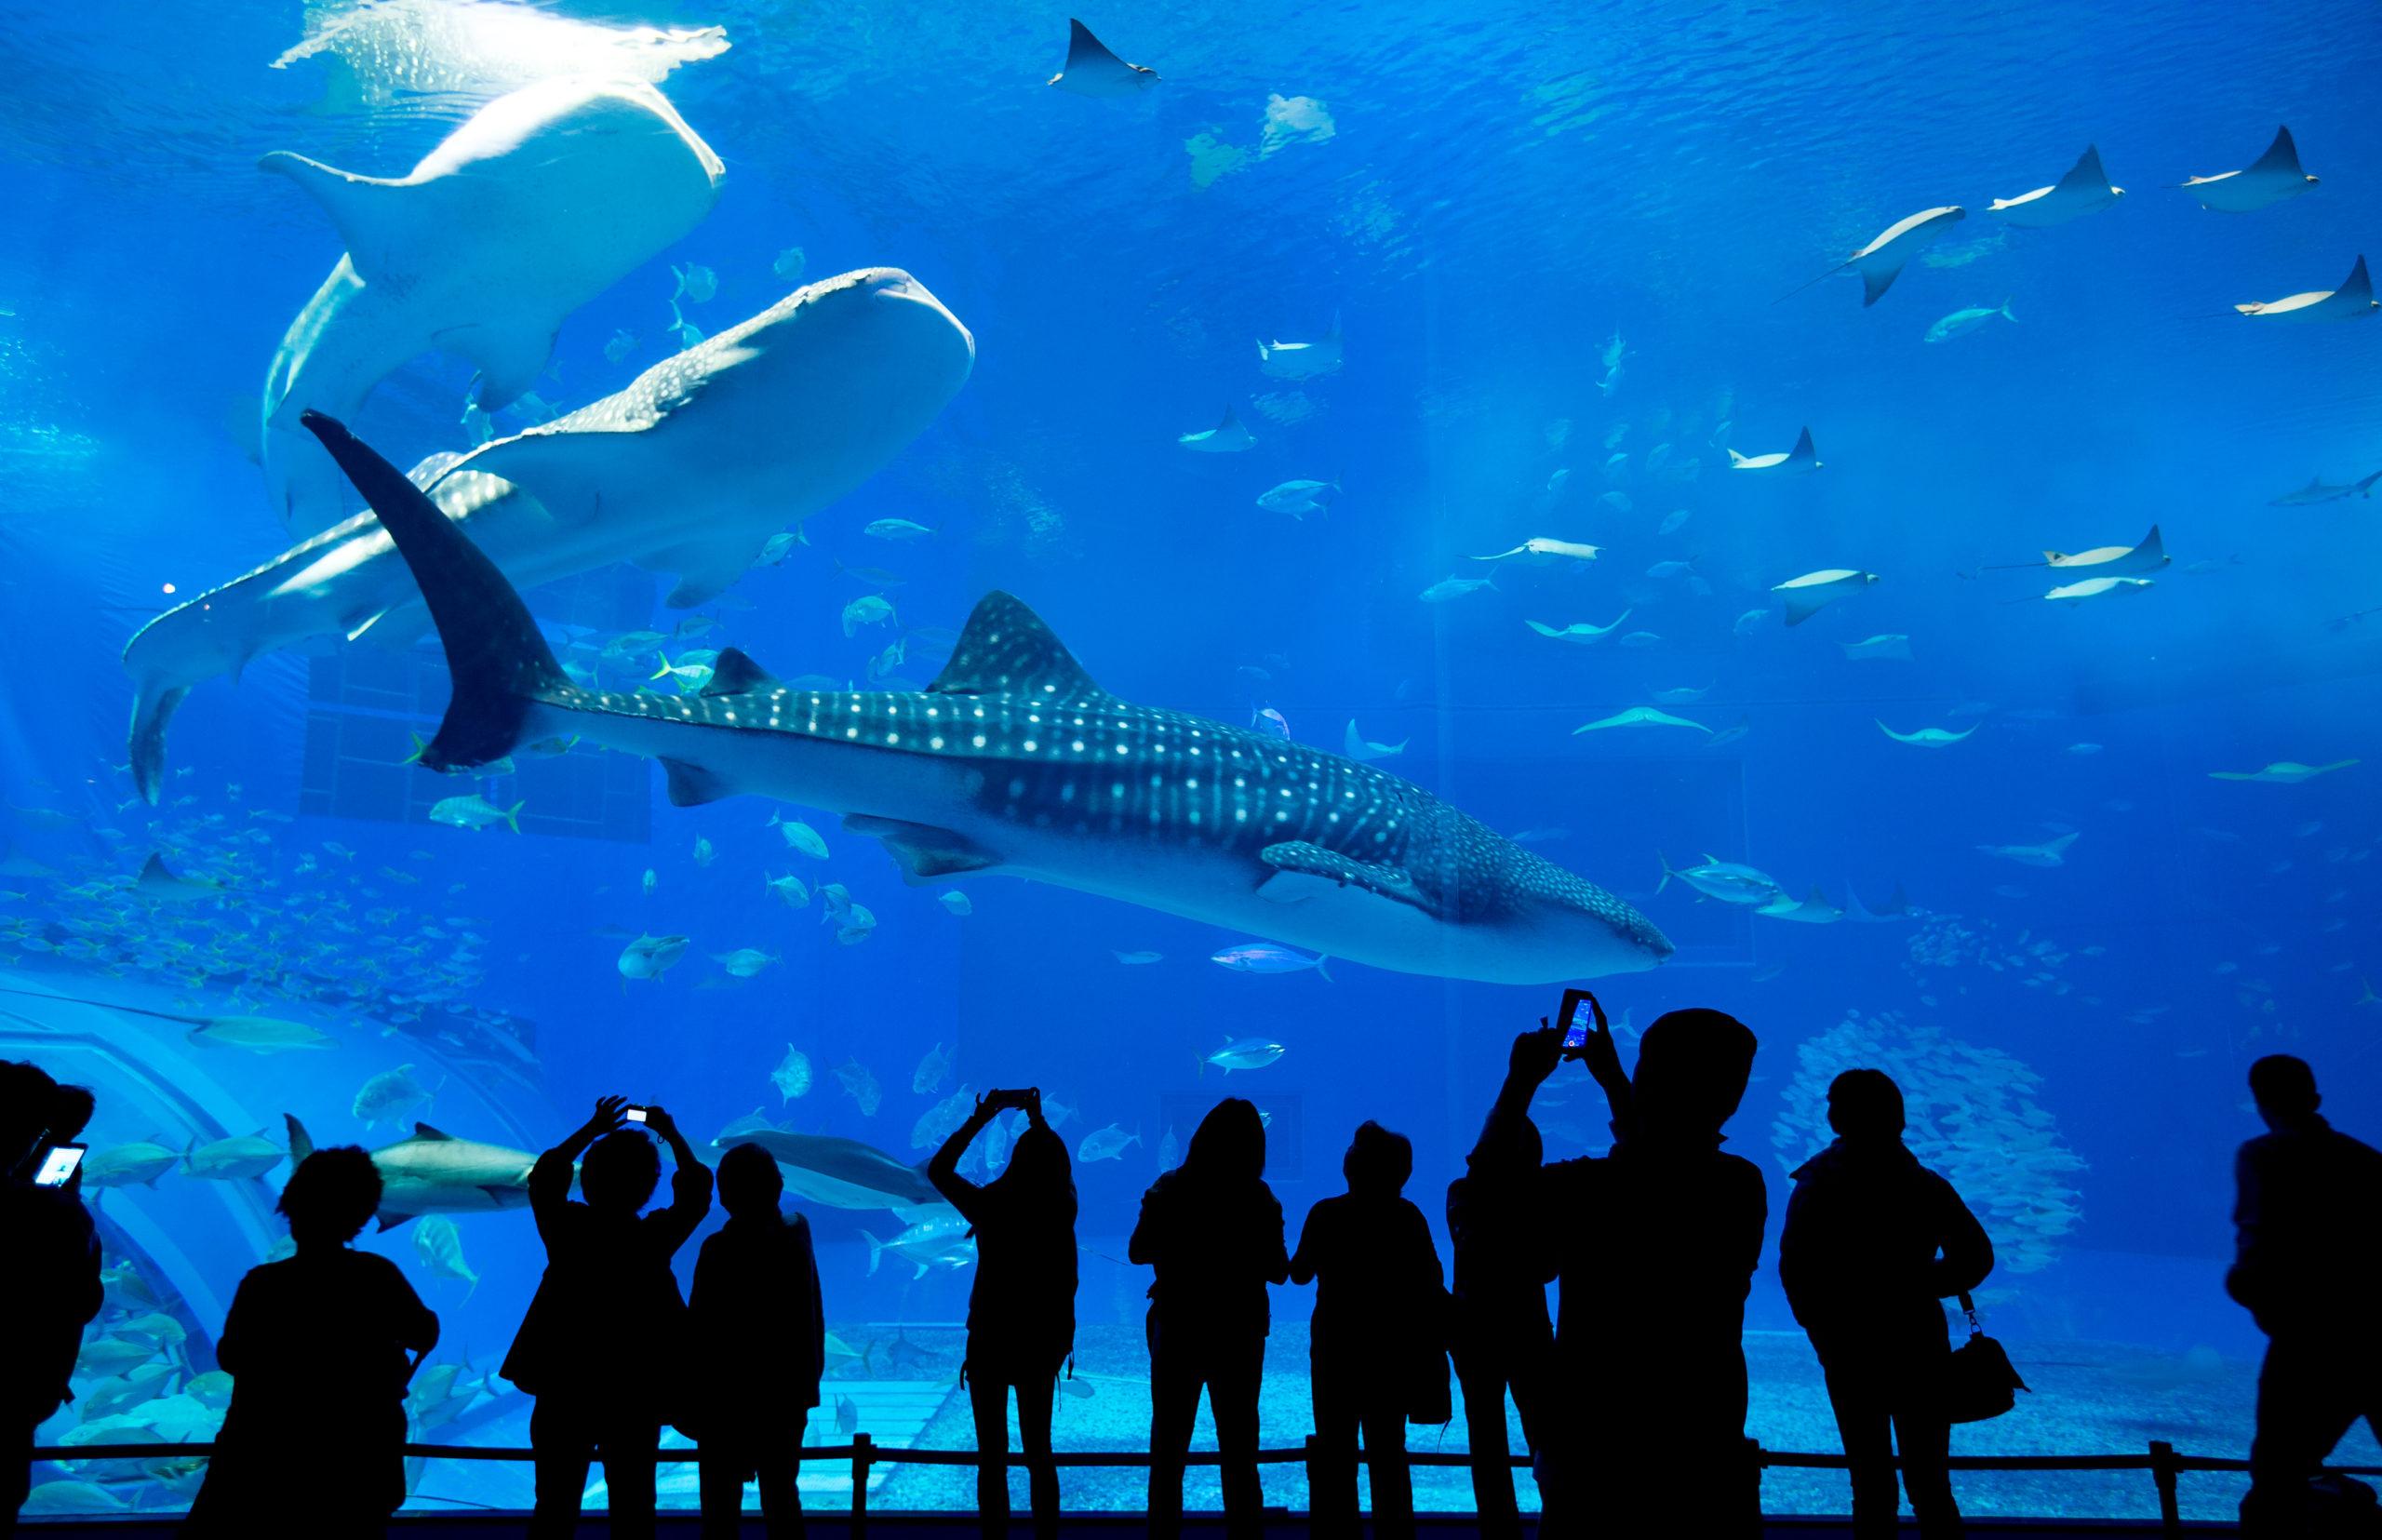 People Observing Fish At The Aquarium